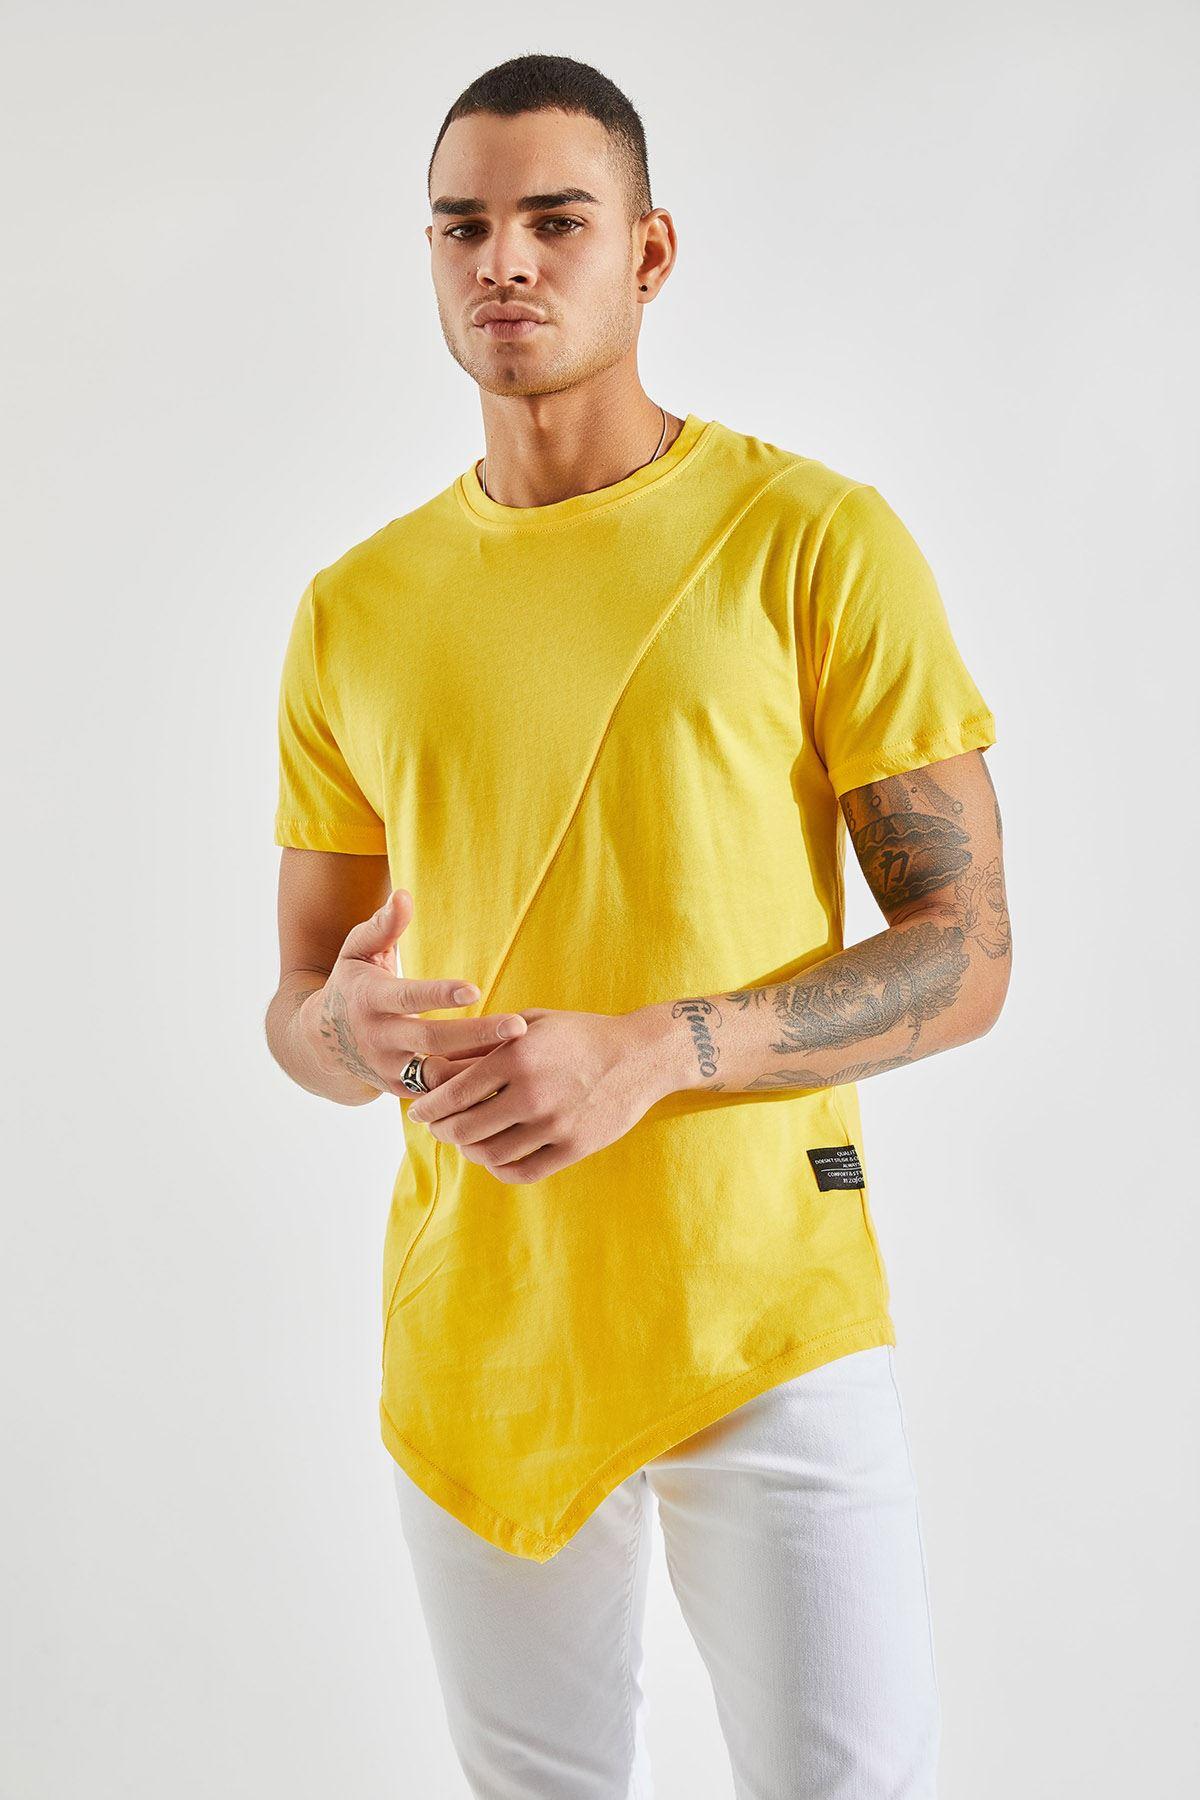 Erkek Önü Parçalı Asimetrik Kesim Sarı Tişört